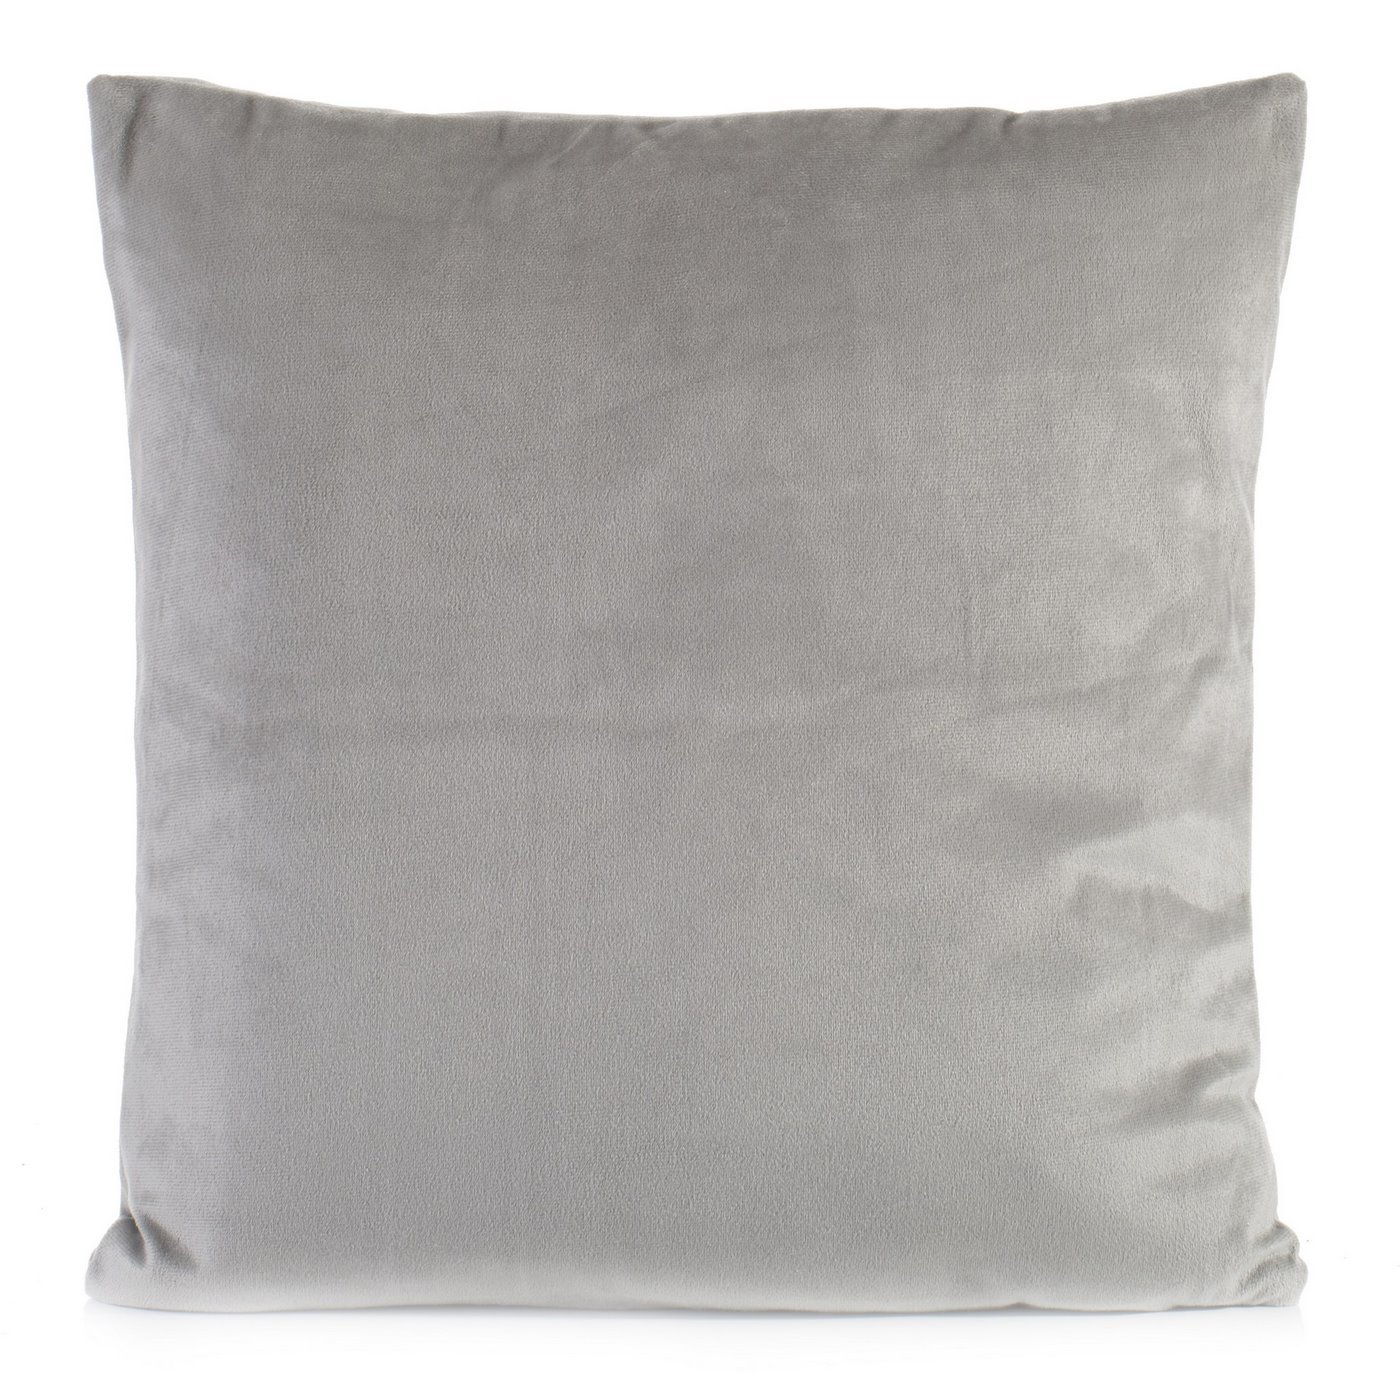 Poszewka na poduszkę gładka srebrna 40 x 40 cm